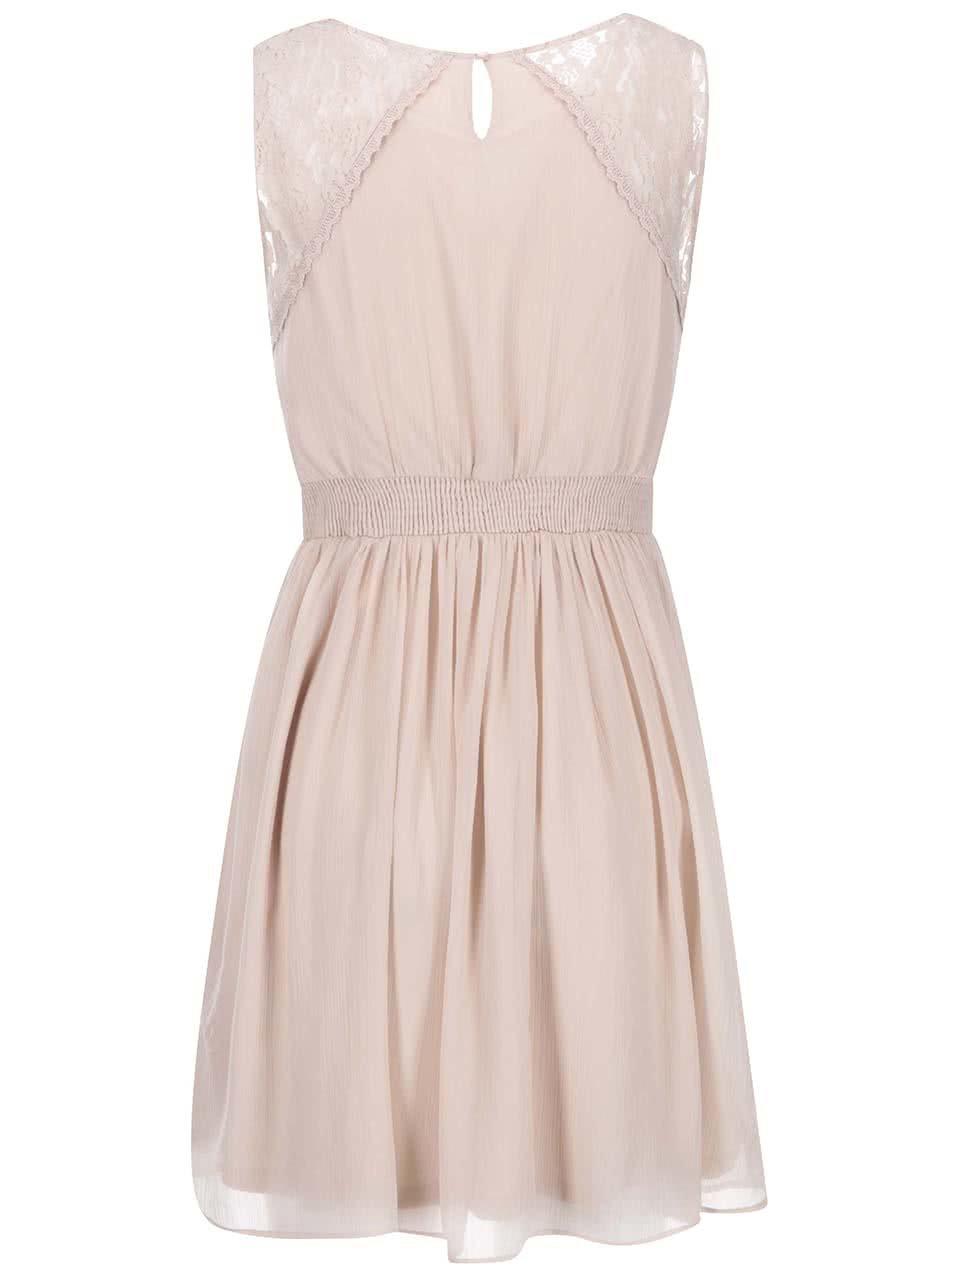 Pudrově růžové šaty s krajkou VERO MODA Freja ... 908d1f584b